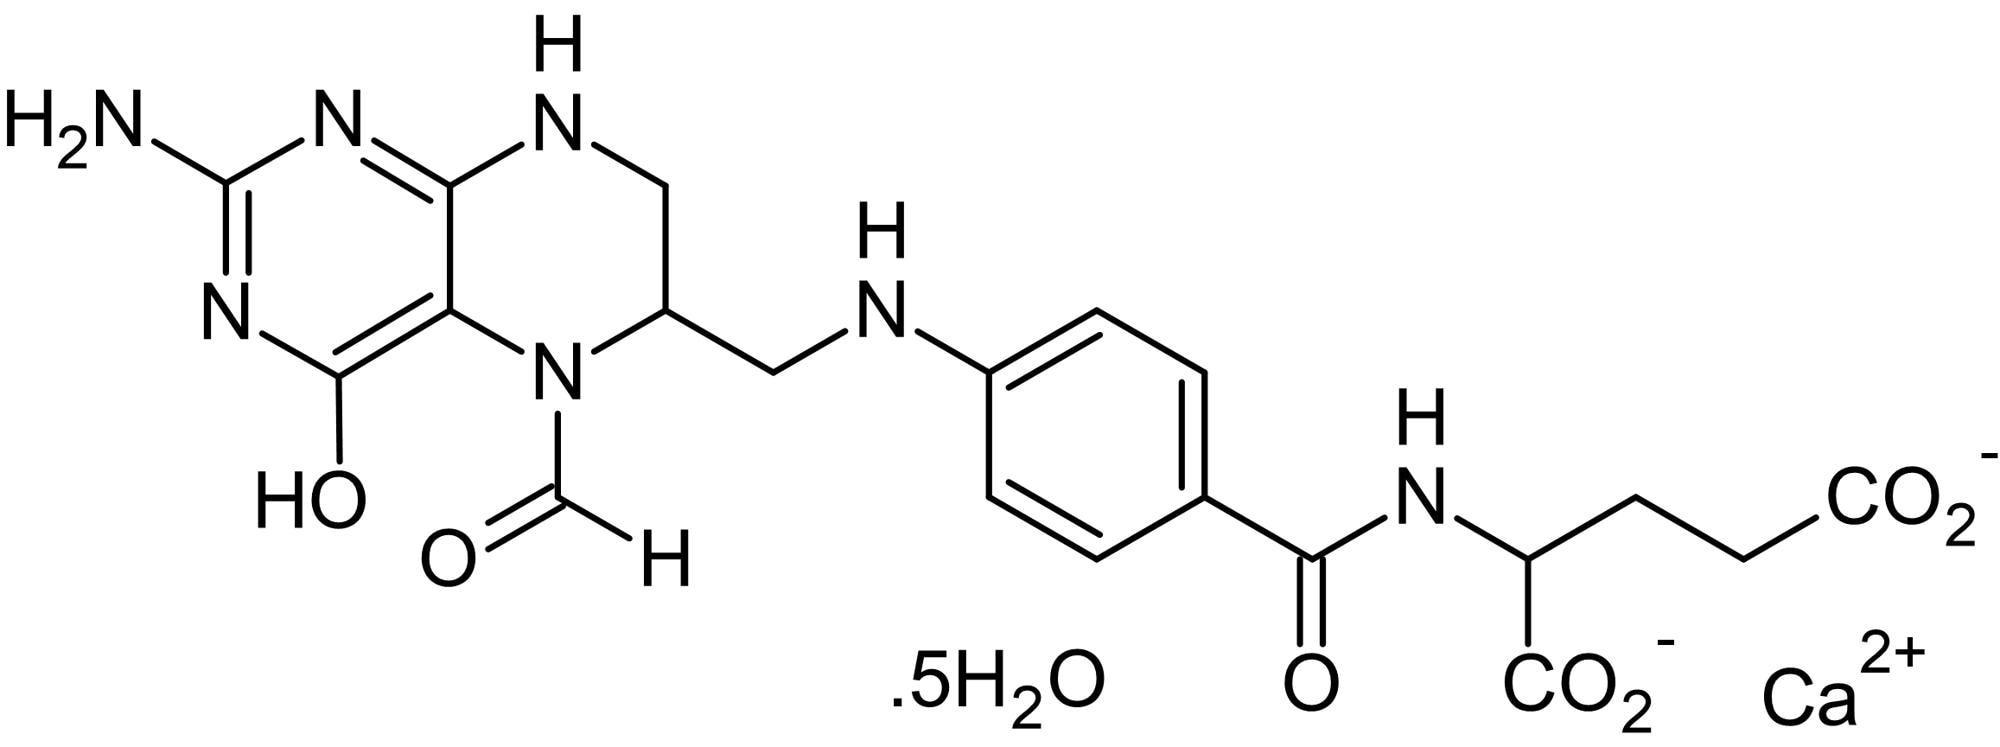 Chemical Structure - Calcium folinate pentahydrate (Folinic acid calcium salt), Vitamer of folic acid (ab142573)